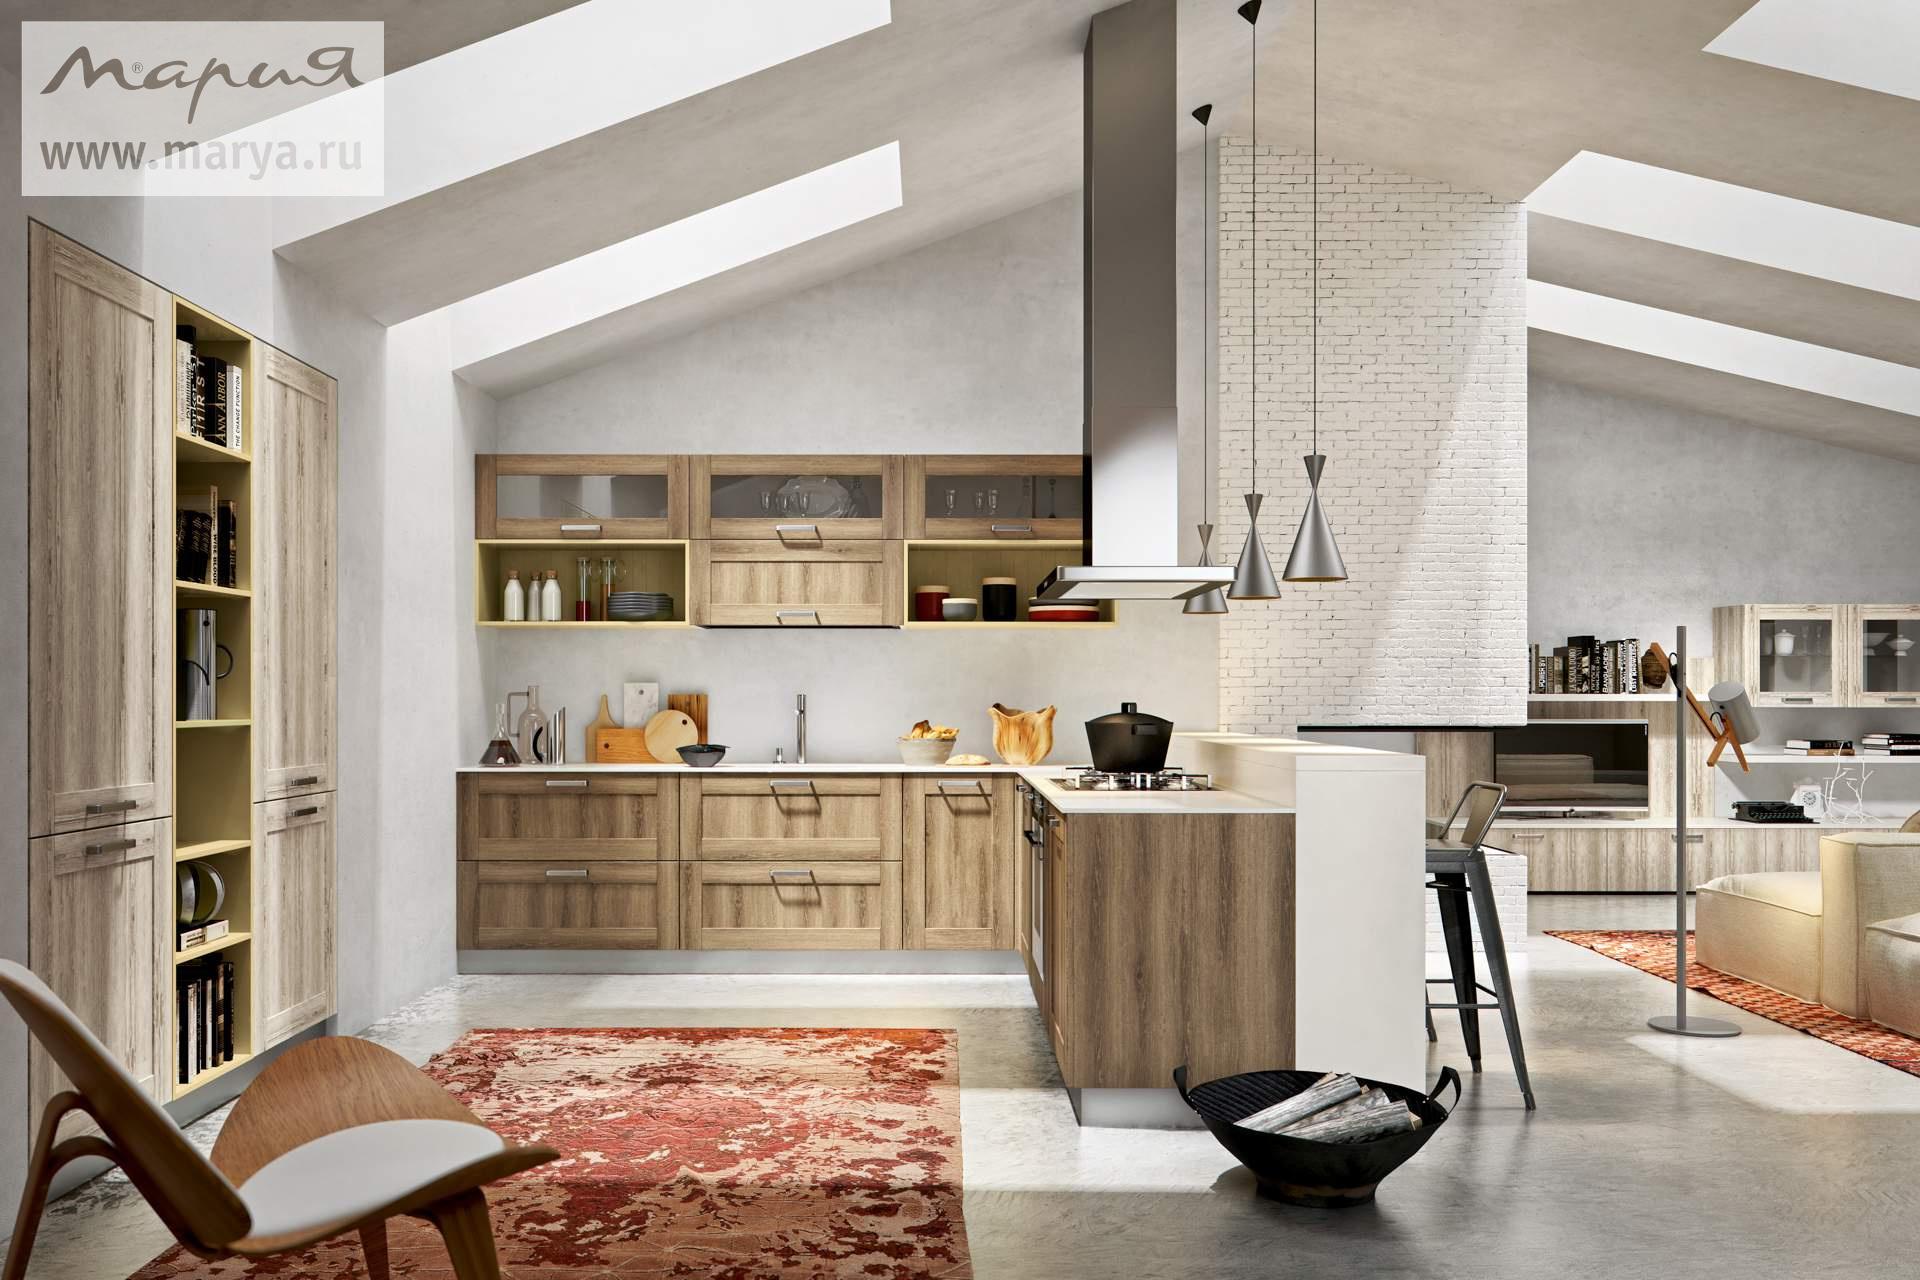 Кухни «мария»: отзывы, цены, 80 самых красивых гарнитуров из каталога в реальных интерьерах